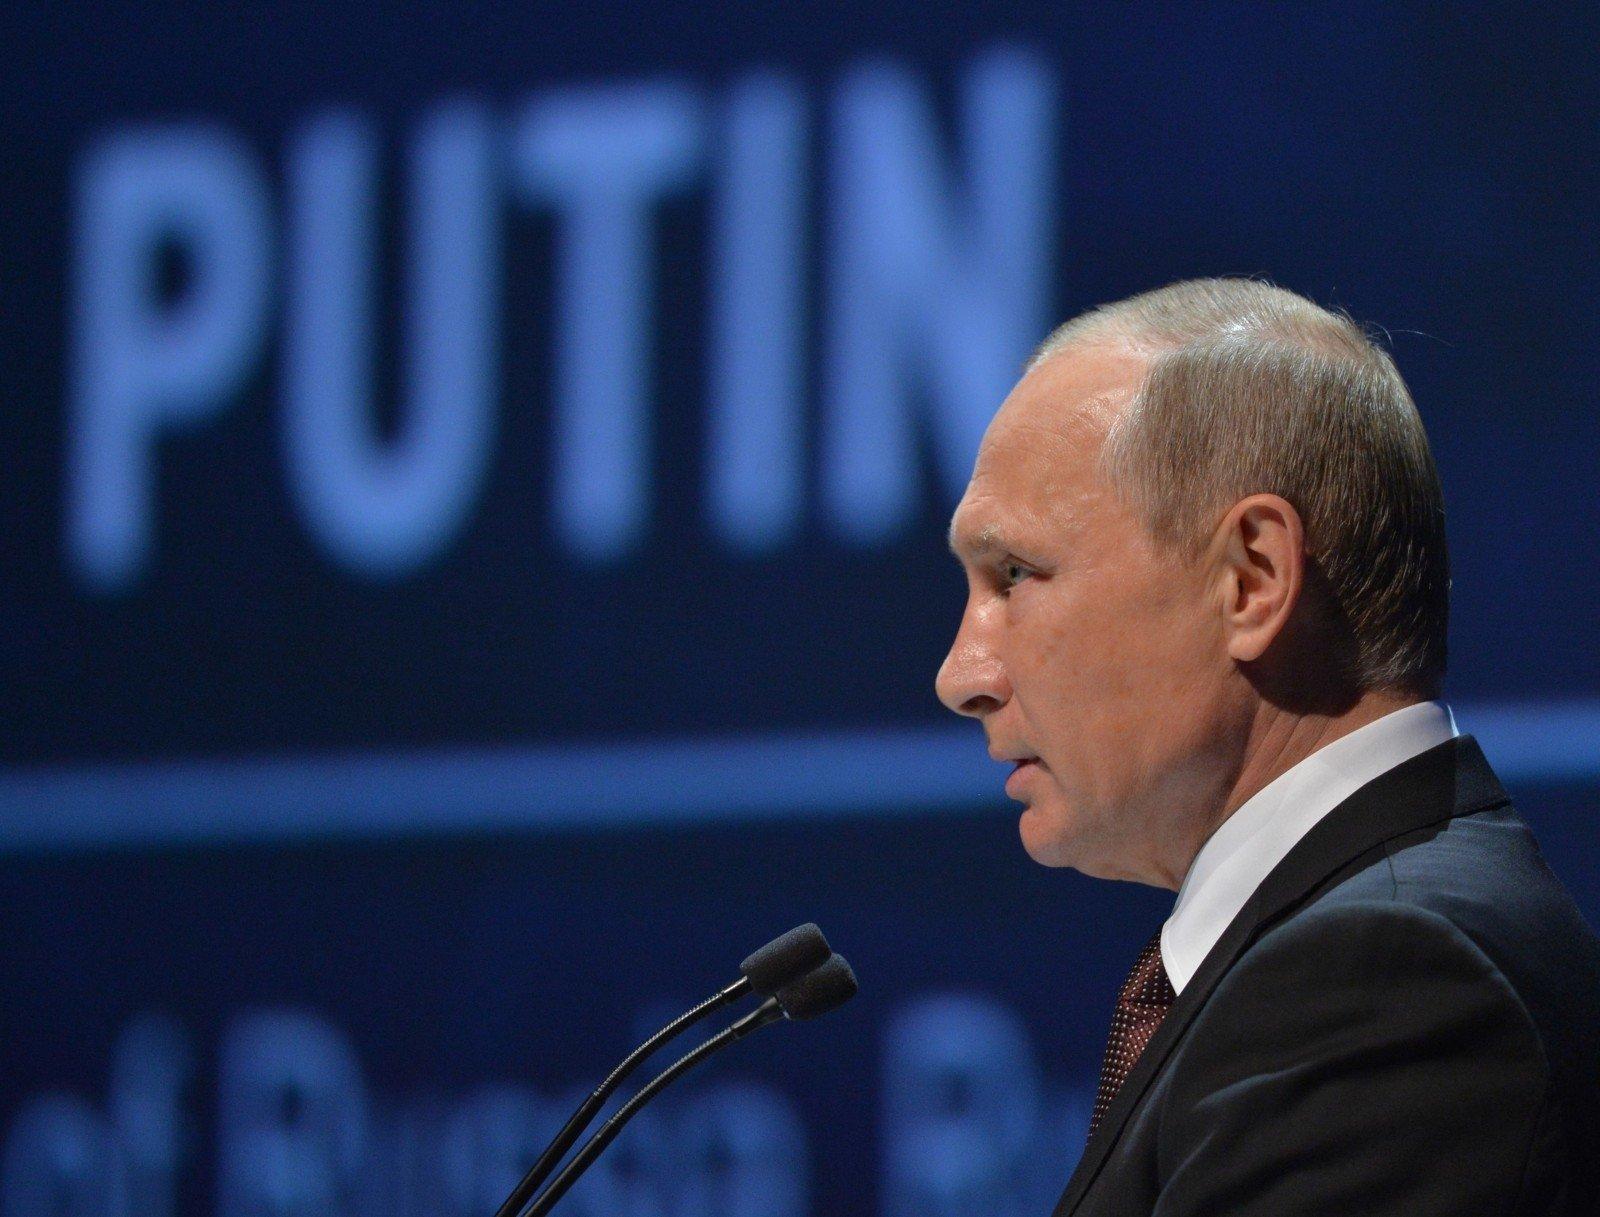 Путин призвал регионы снизить затраты напрофессиональный спорт